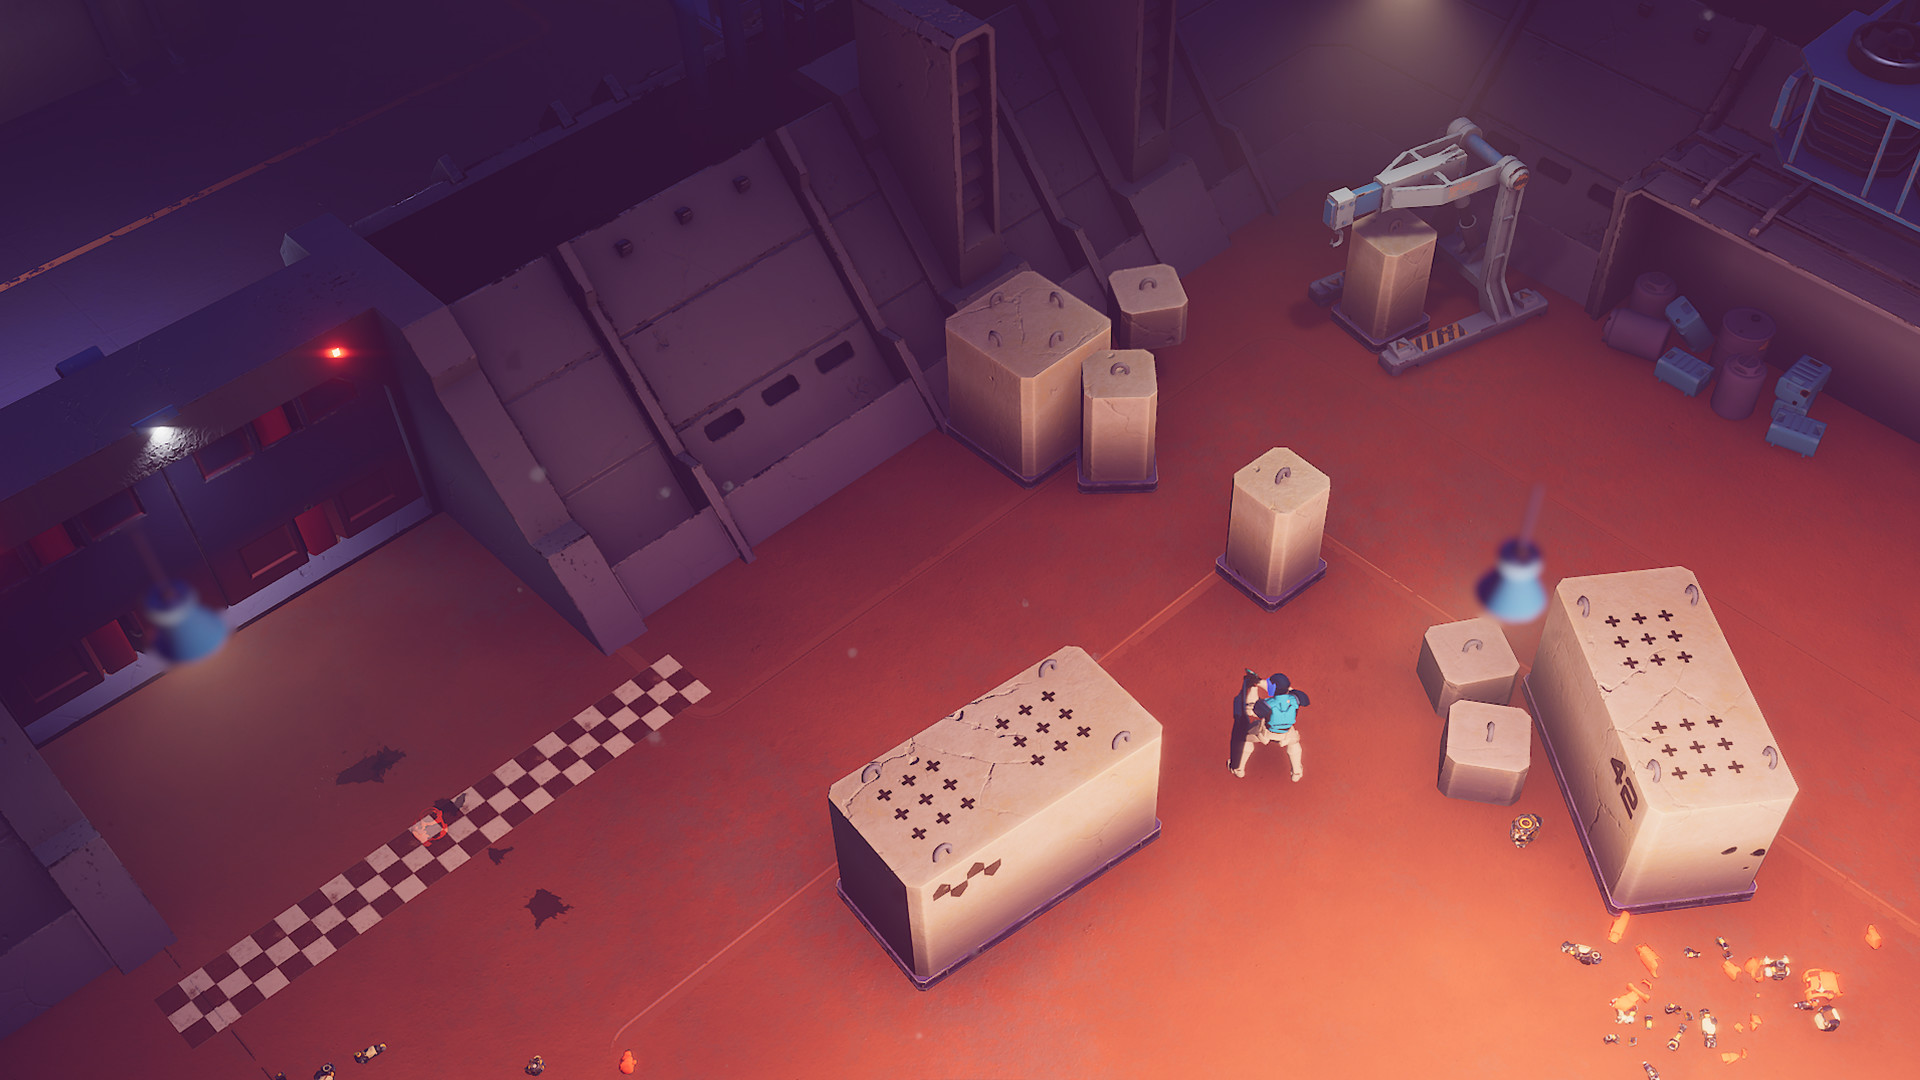 策略肉鸽射击游戏《合成人2》11月11日抢鲜体验插图9